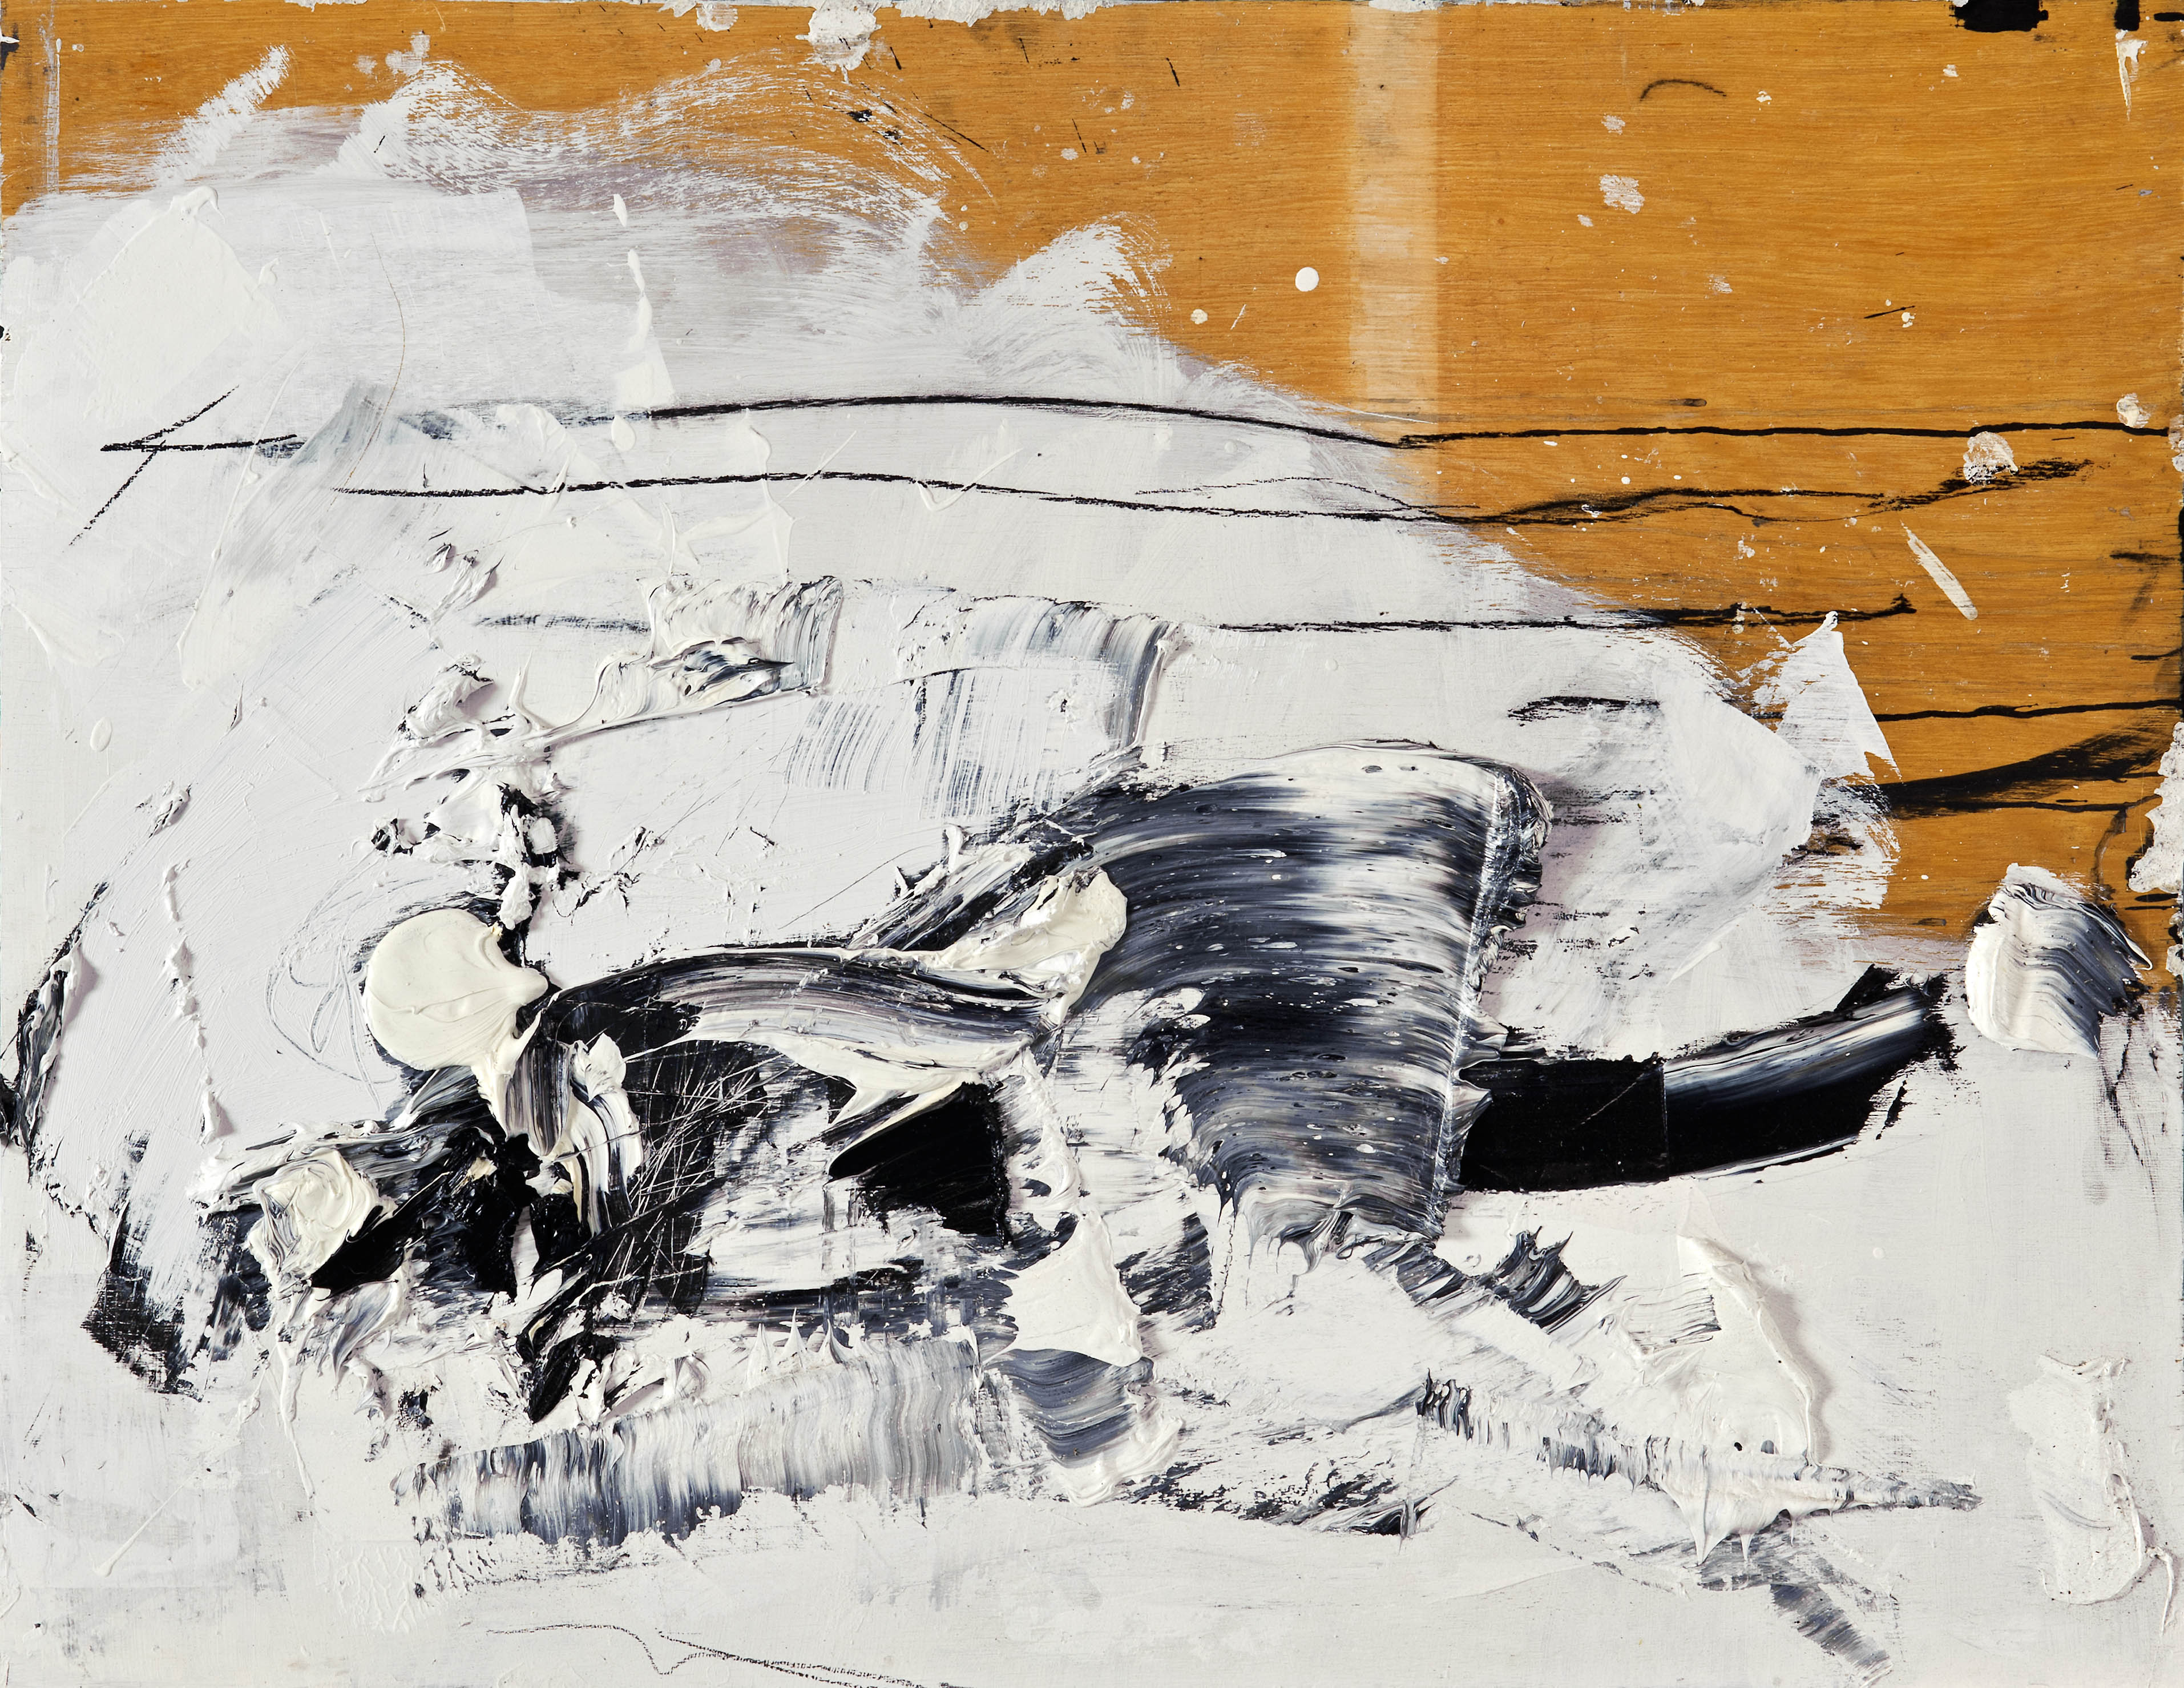 2010 Öl/Holz 80x110cm